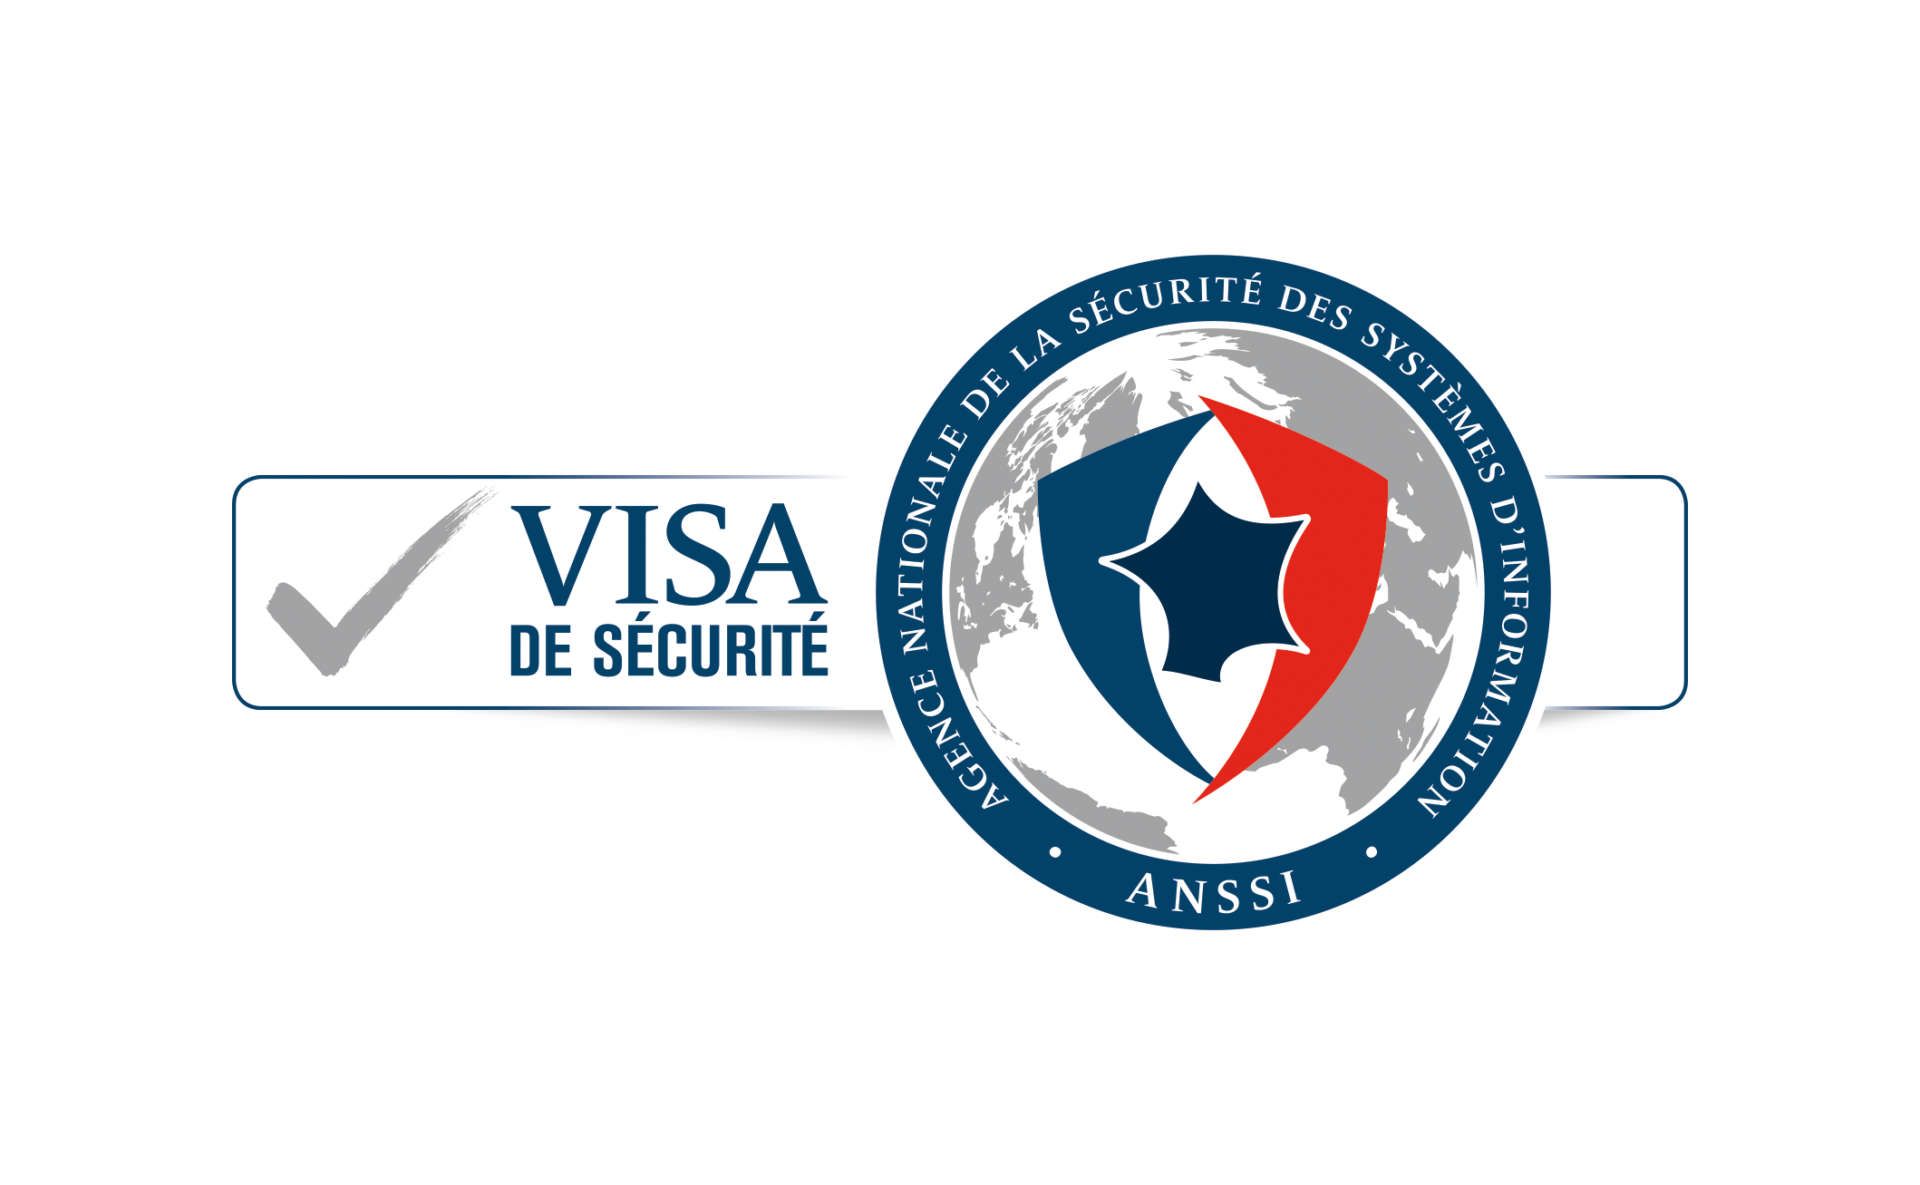 Visa de sécurité PASSI ANSSI